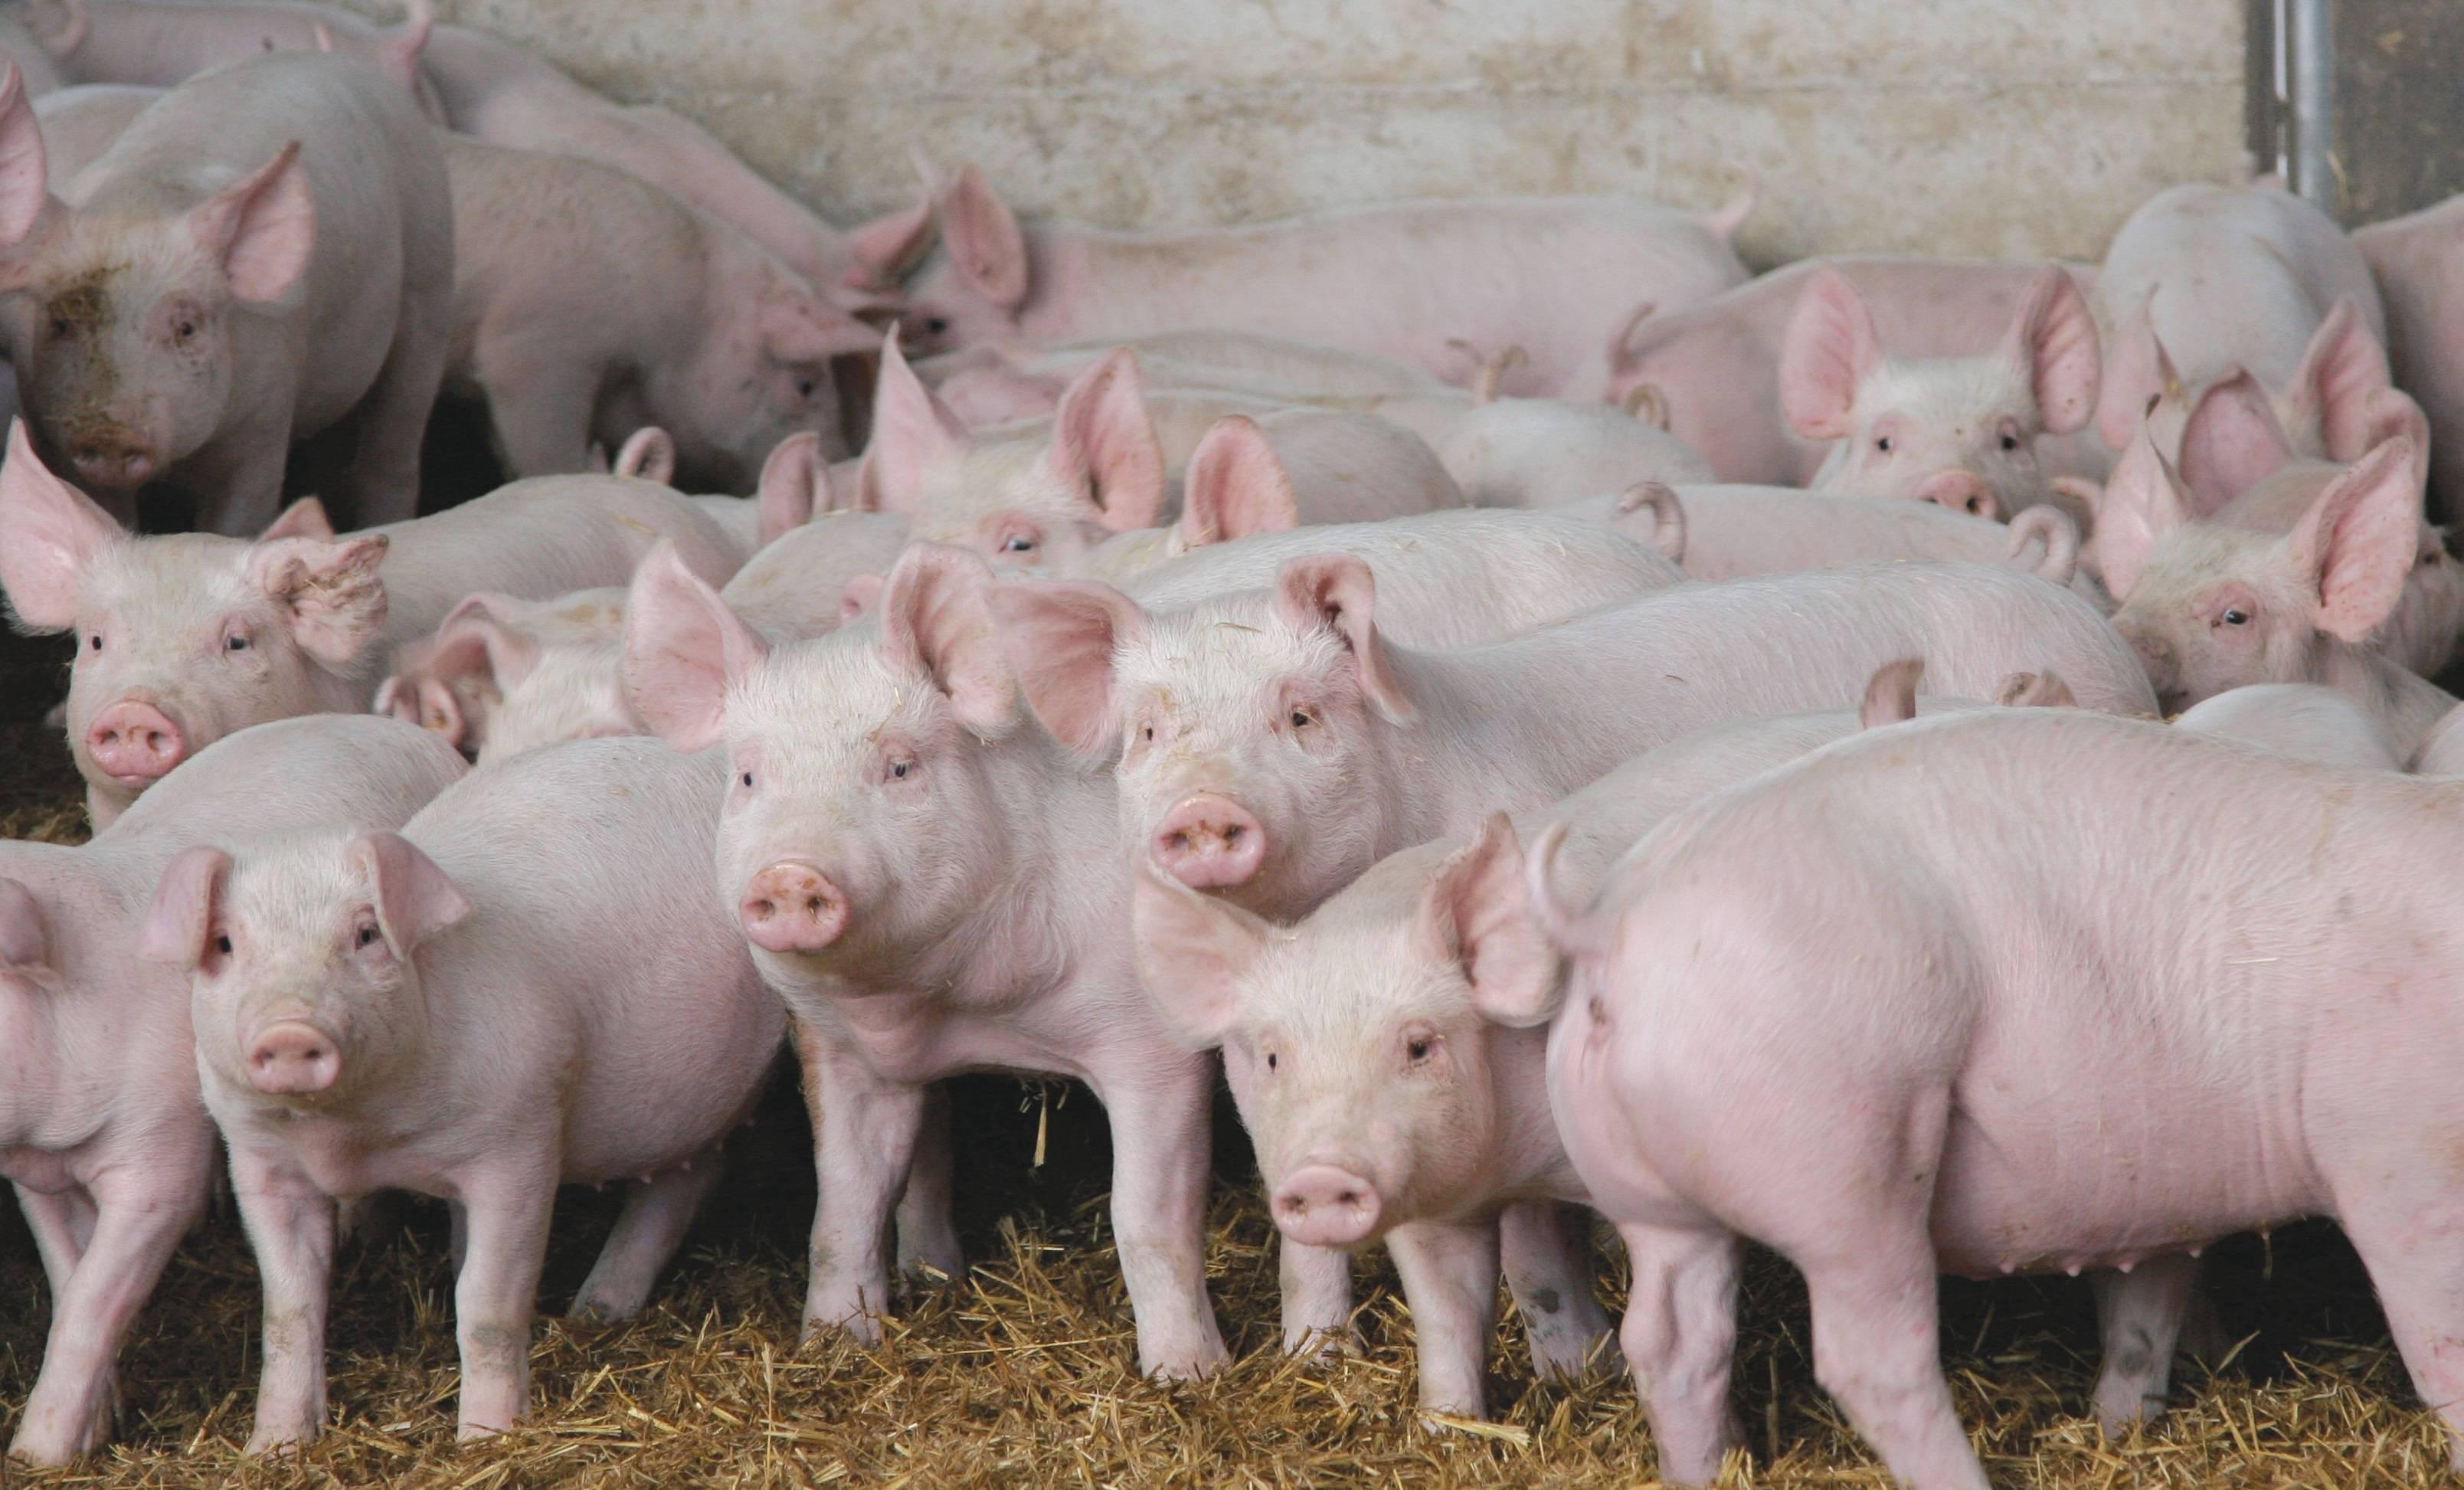 Разведение свиней как бизнес - выгодно или нет: с чего начать, как преуспеть + стратегия бизнеса, анализ рынка и нюансы